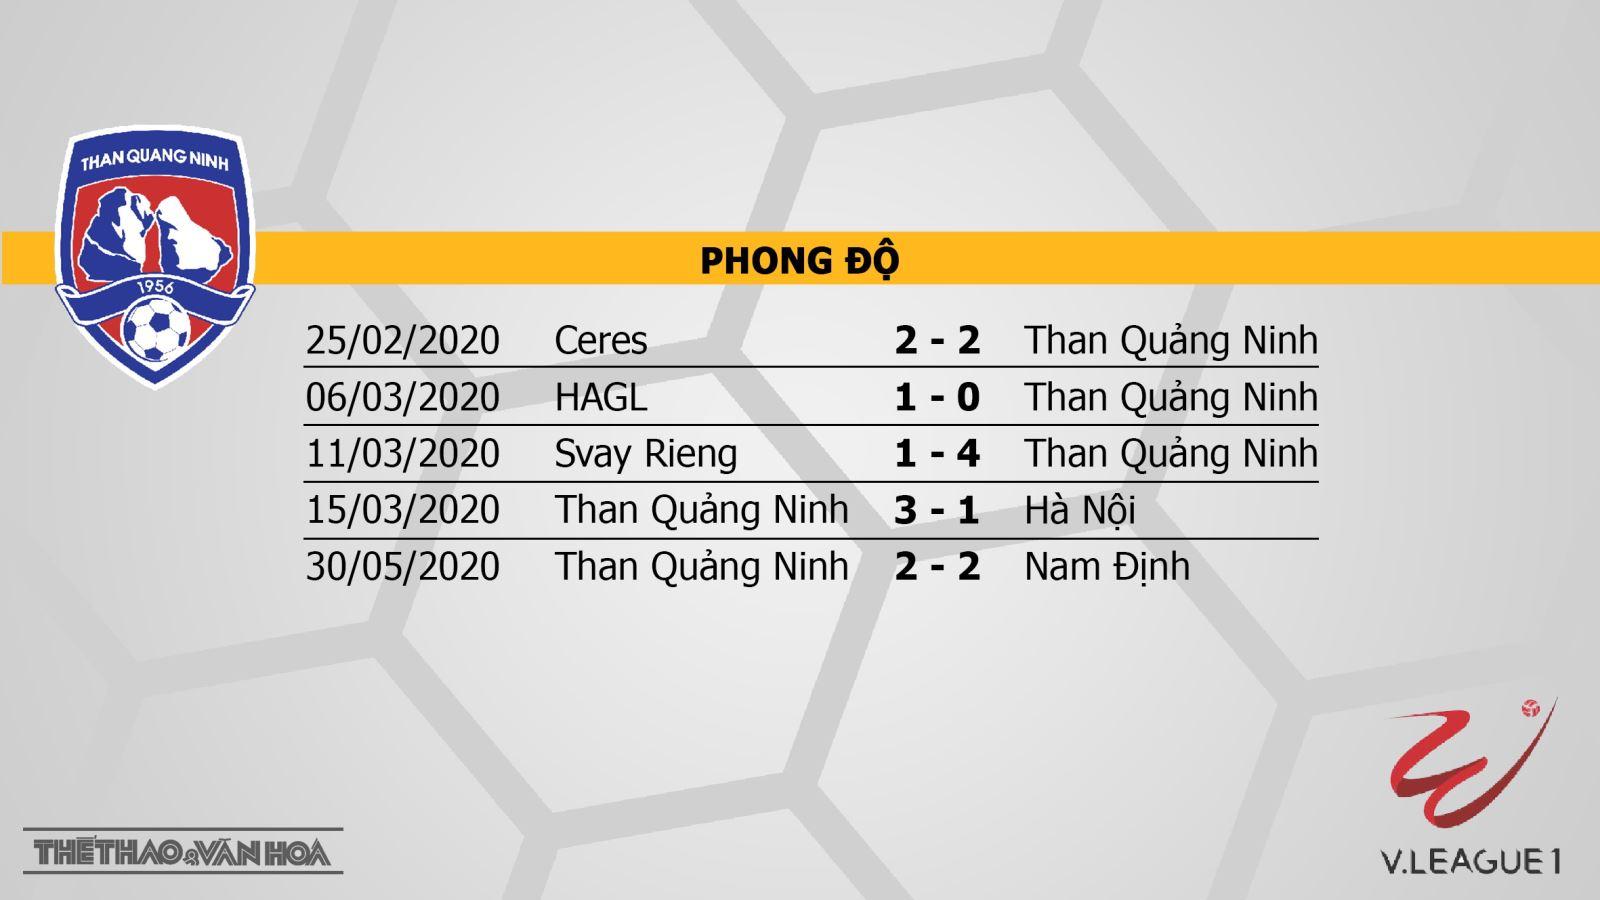 Than Quảng Ninh vs Hồng Lĩnh Hà Tĩnh, Than Quảng Ninh, Hà Tĩnh, soi kèo bóng đá, nhận định, dự đoán, kèo bóng đá